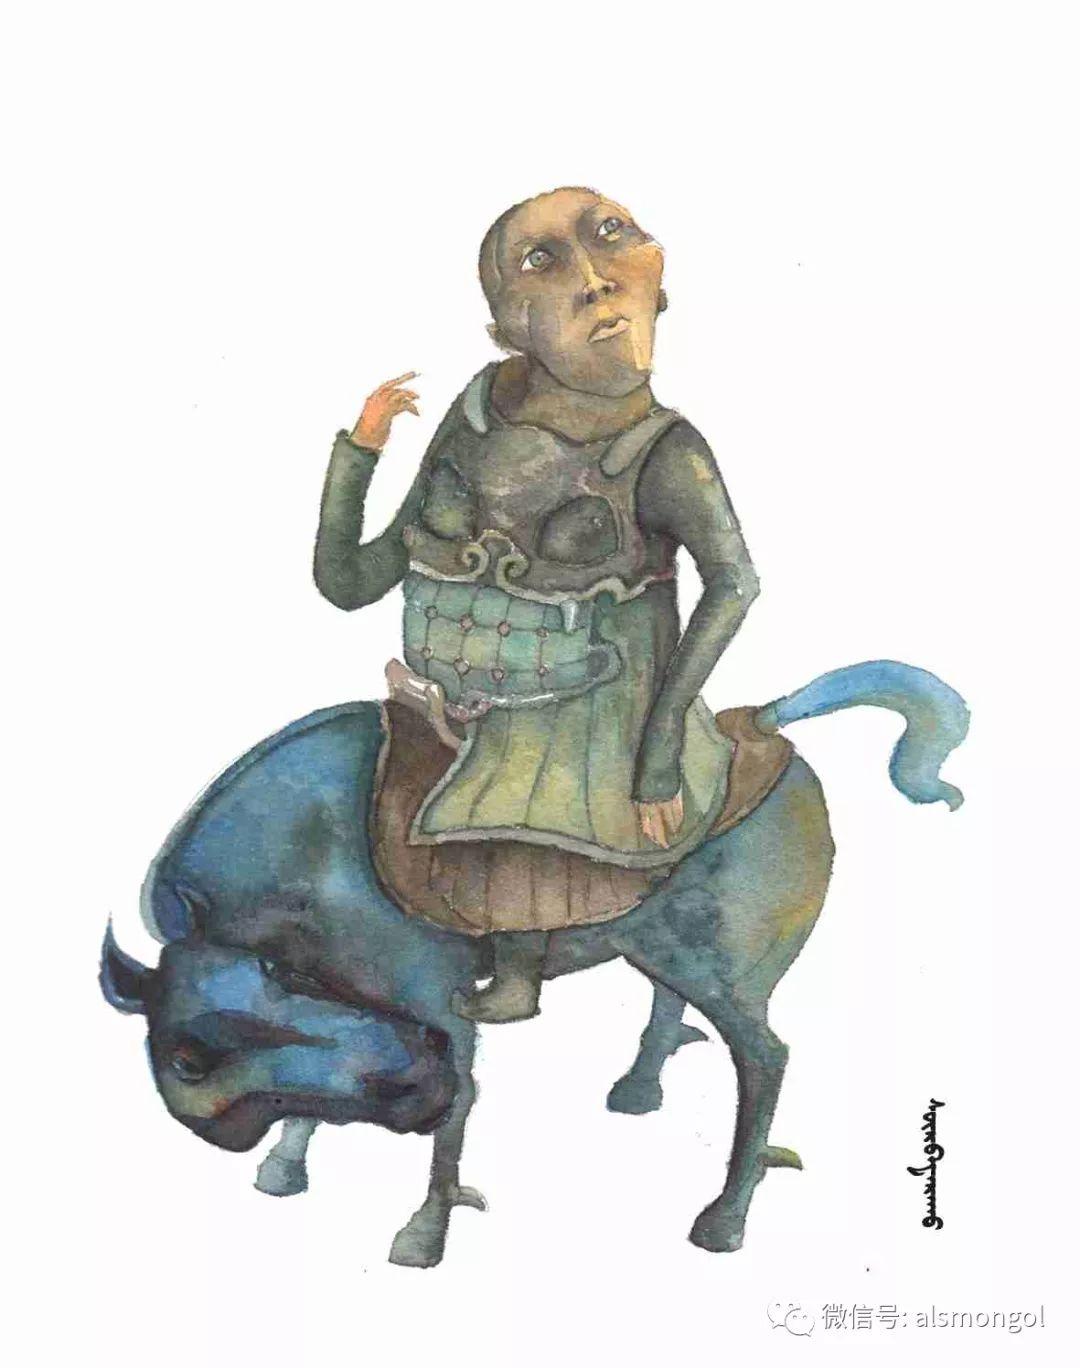 【智慧蒙古】人美画更美,年轻画家海乐和她的绘画作品! 第22张 【智慧蒙古】人美画更美,年轻画家海乐和她的绘画作品! 蒙古画廊